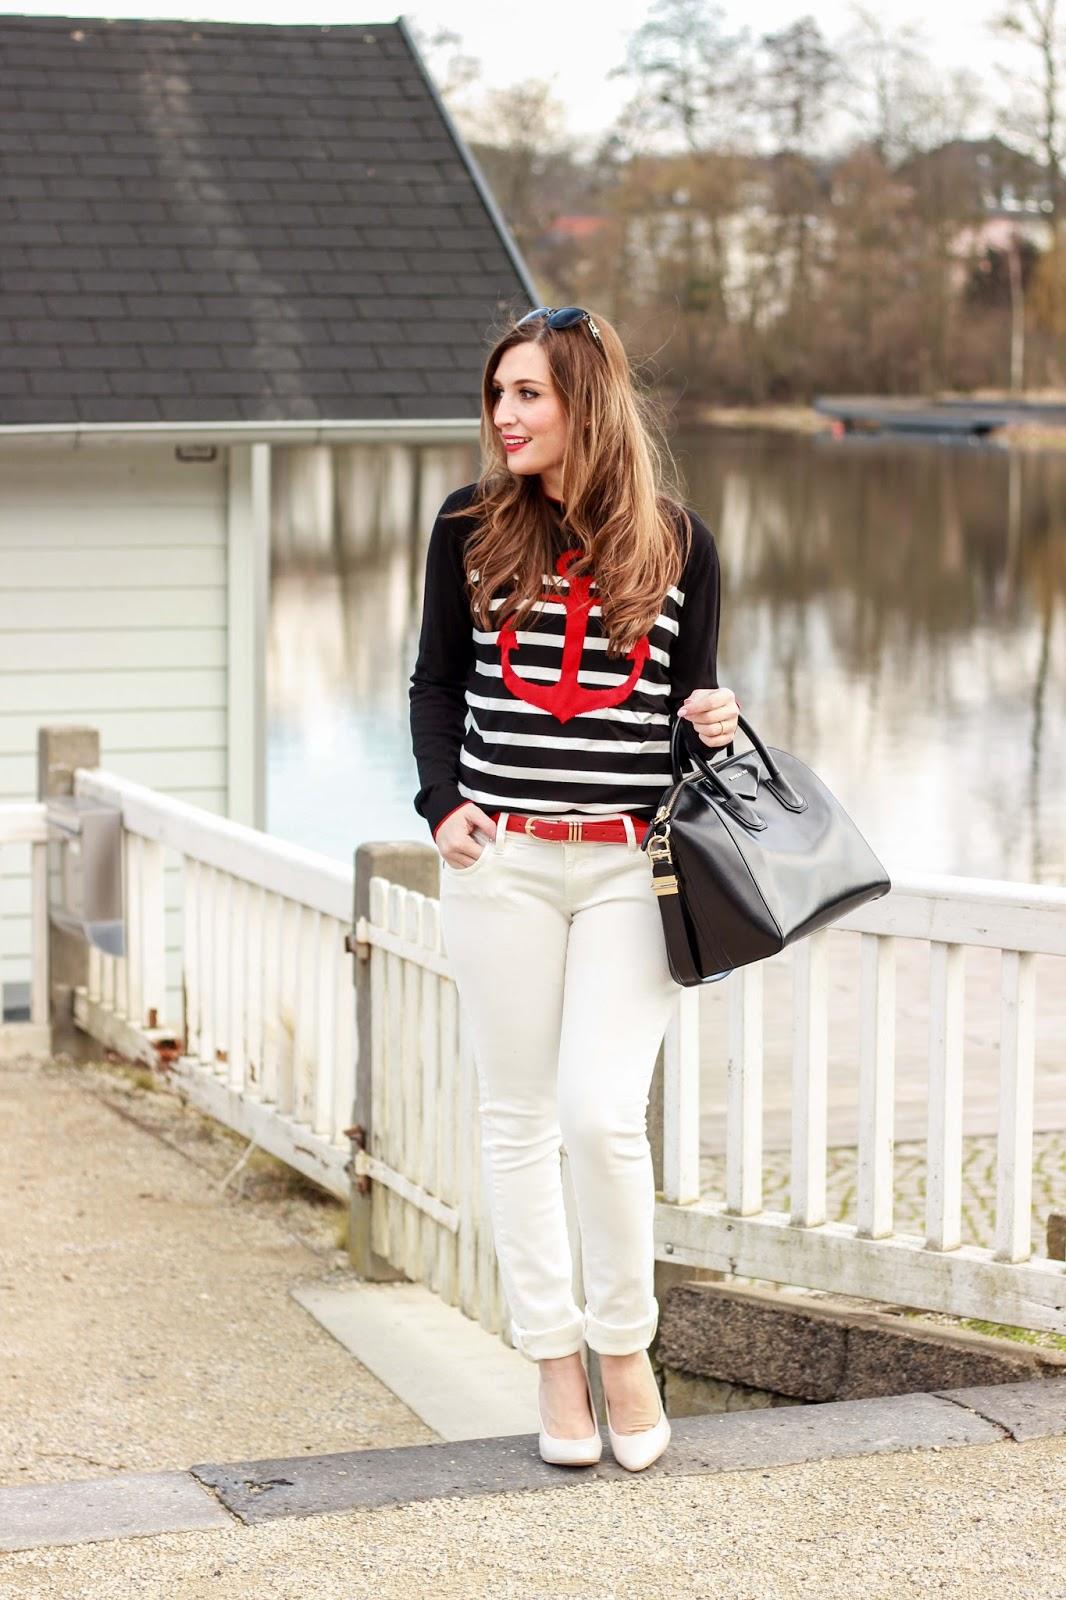 German Fashionblogger - Fashionblogger aus Deutschland - Deutsche Fashionblogger - Weiße Hose kombinieren.- Weiße Hose richtig kombinieren - Givenchy Tasche - Givenchy Tasche kombinieren